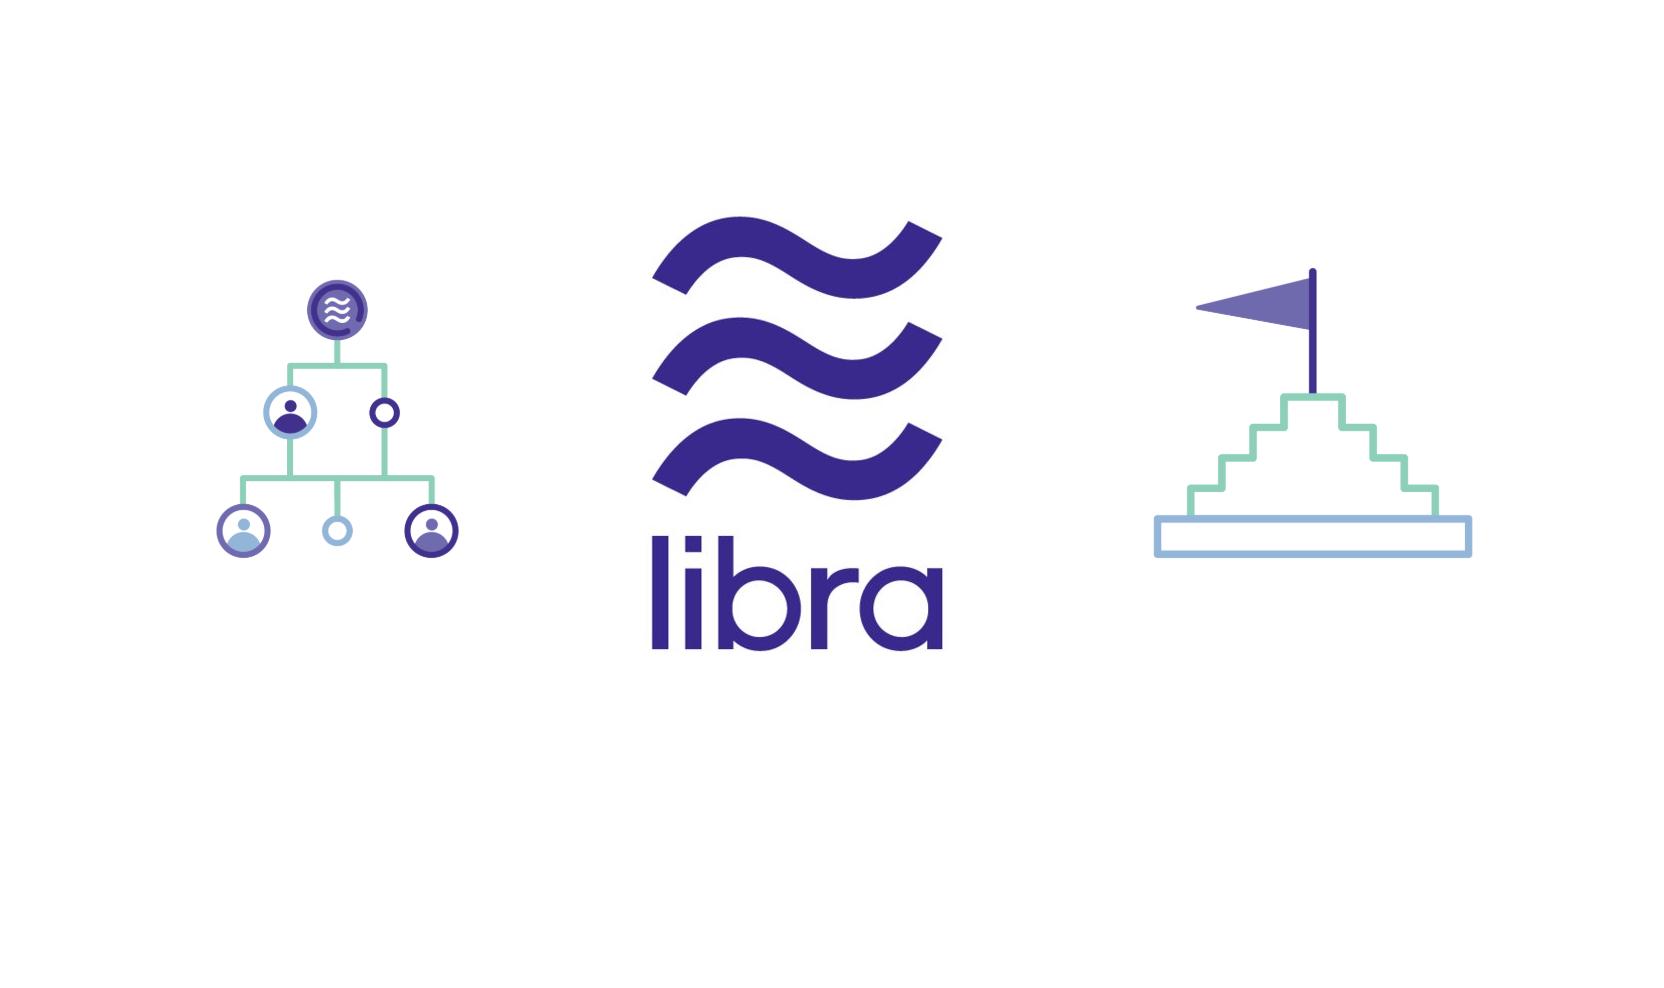 Saiba tudo sobre a Libra, a criptomoeda do Facebook